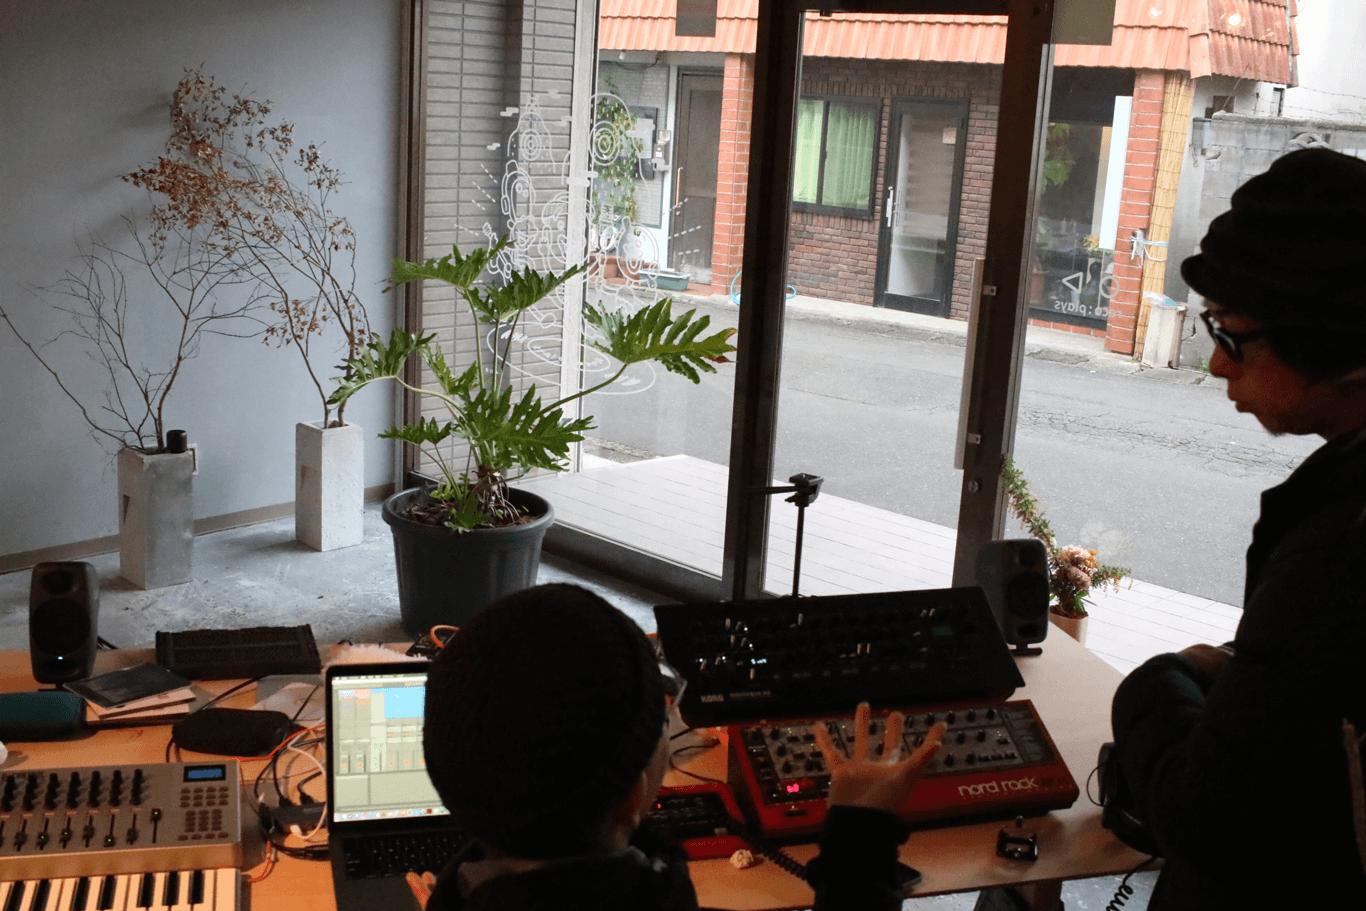 ART|レジデンス事業|多久市|レコプレイス|reco:plays05